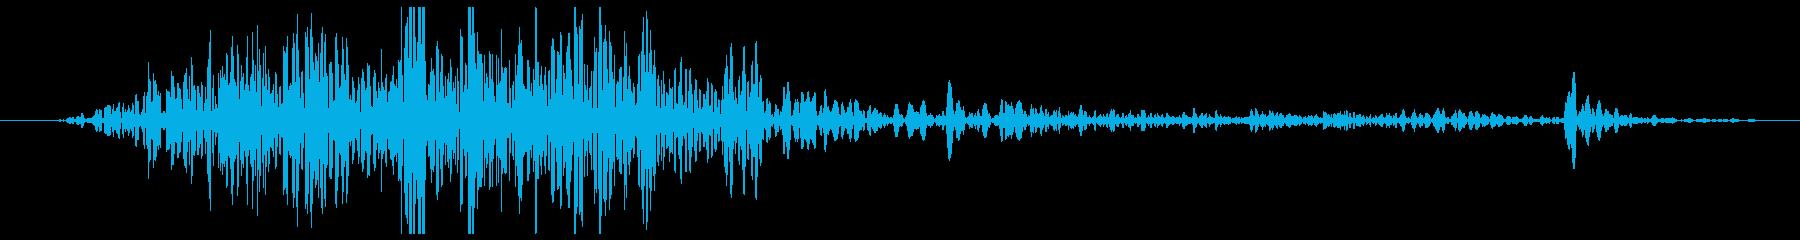 手動カッター:シングルカット、オフ...の再生済みの波形